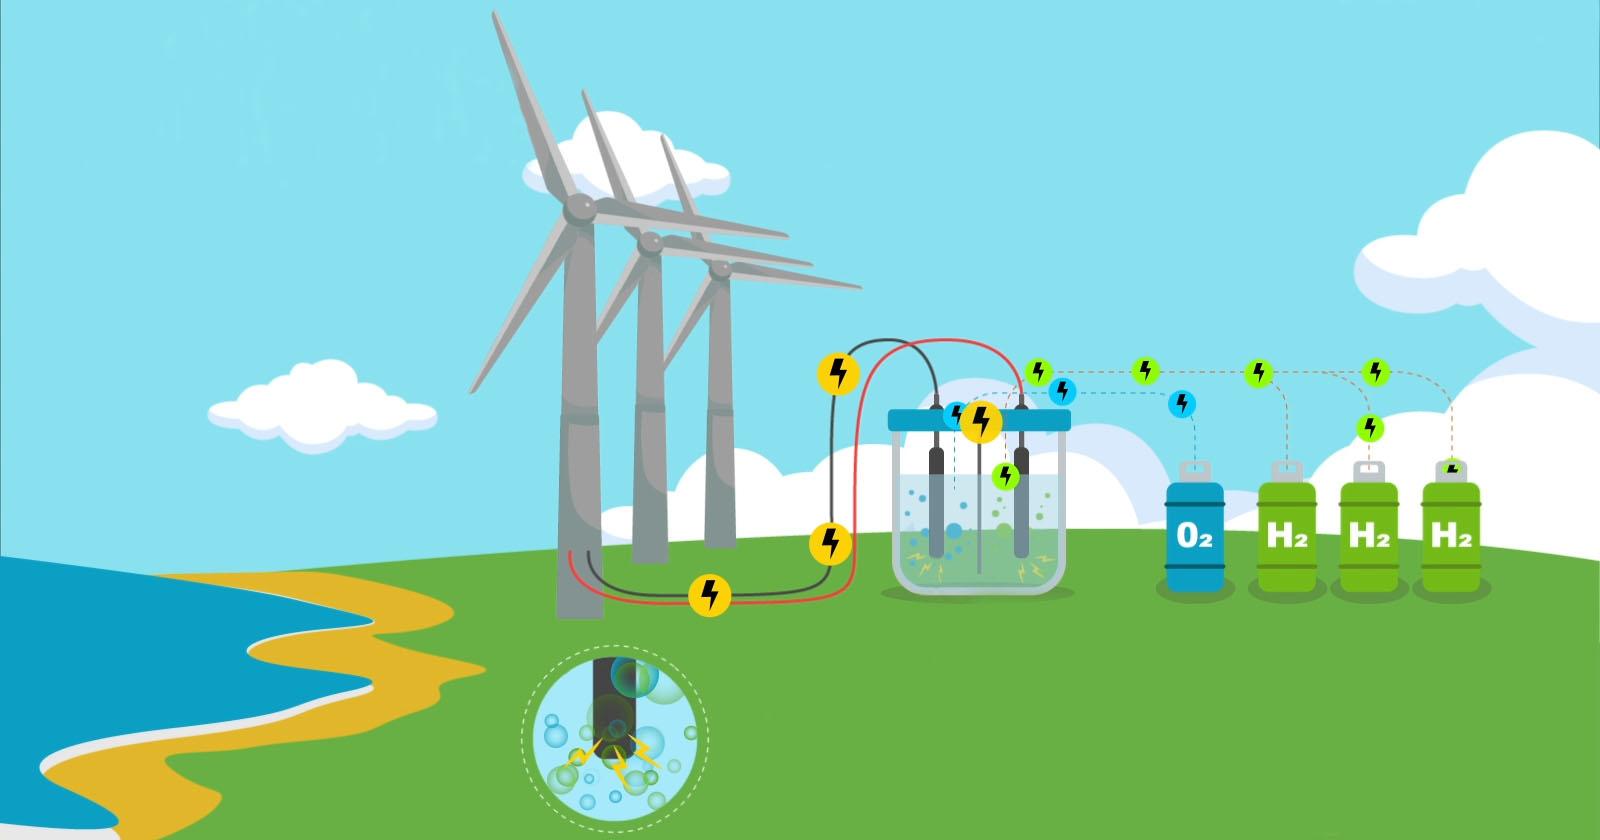 Enel Green Power anunció planes de participar en la instalación de una planta piloto de hidrógeno verde en Chile